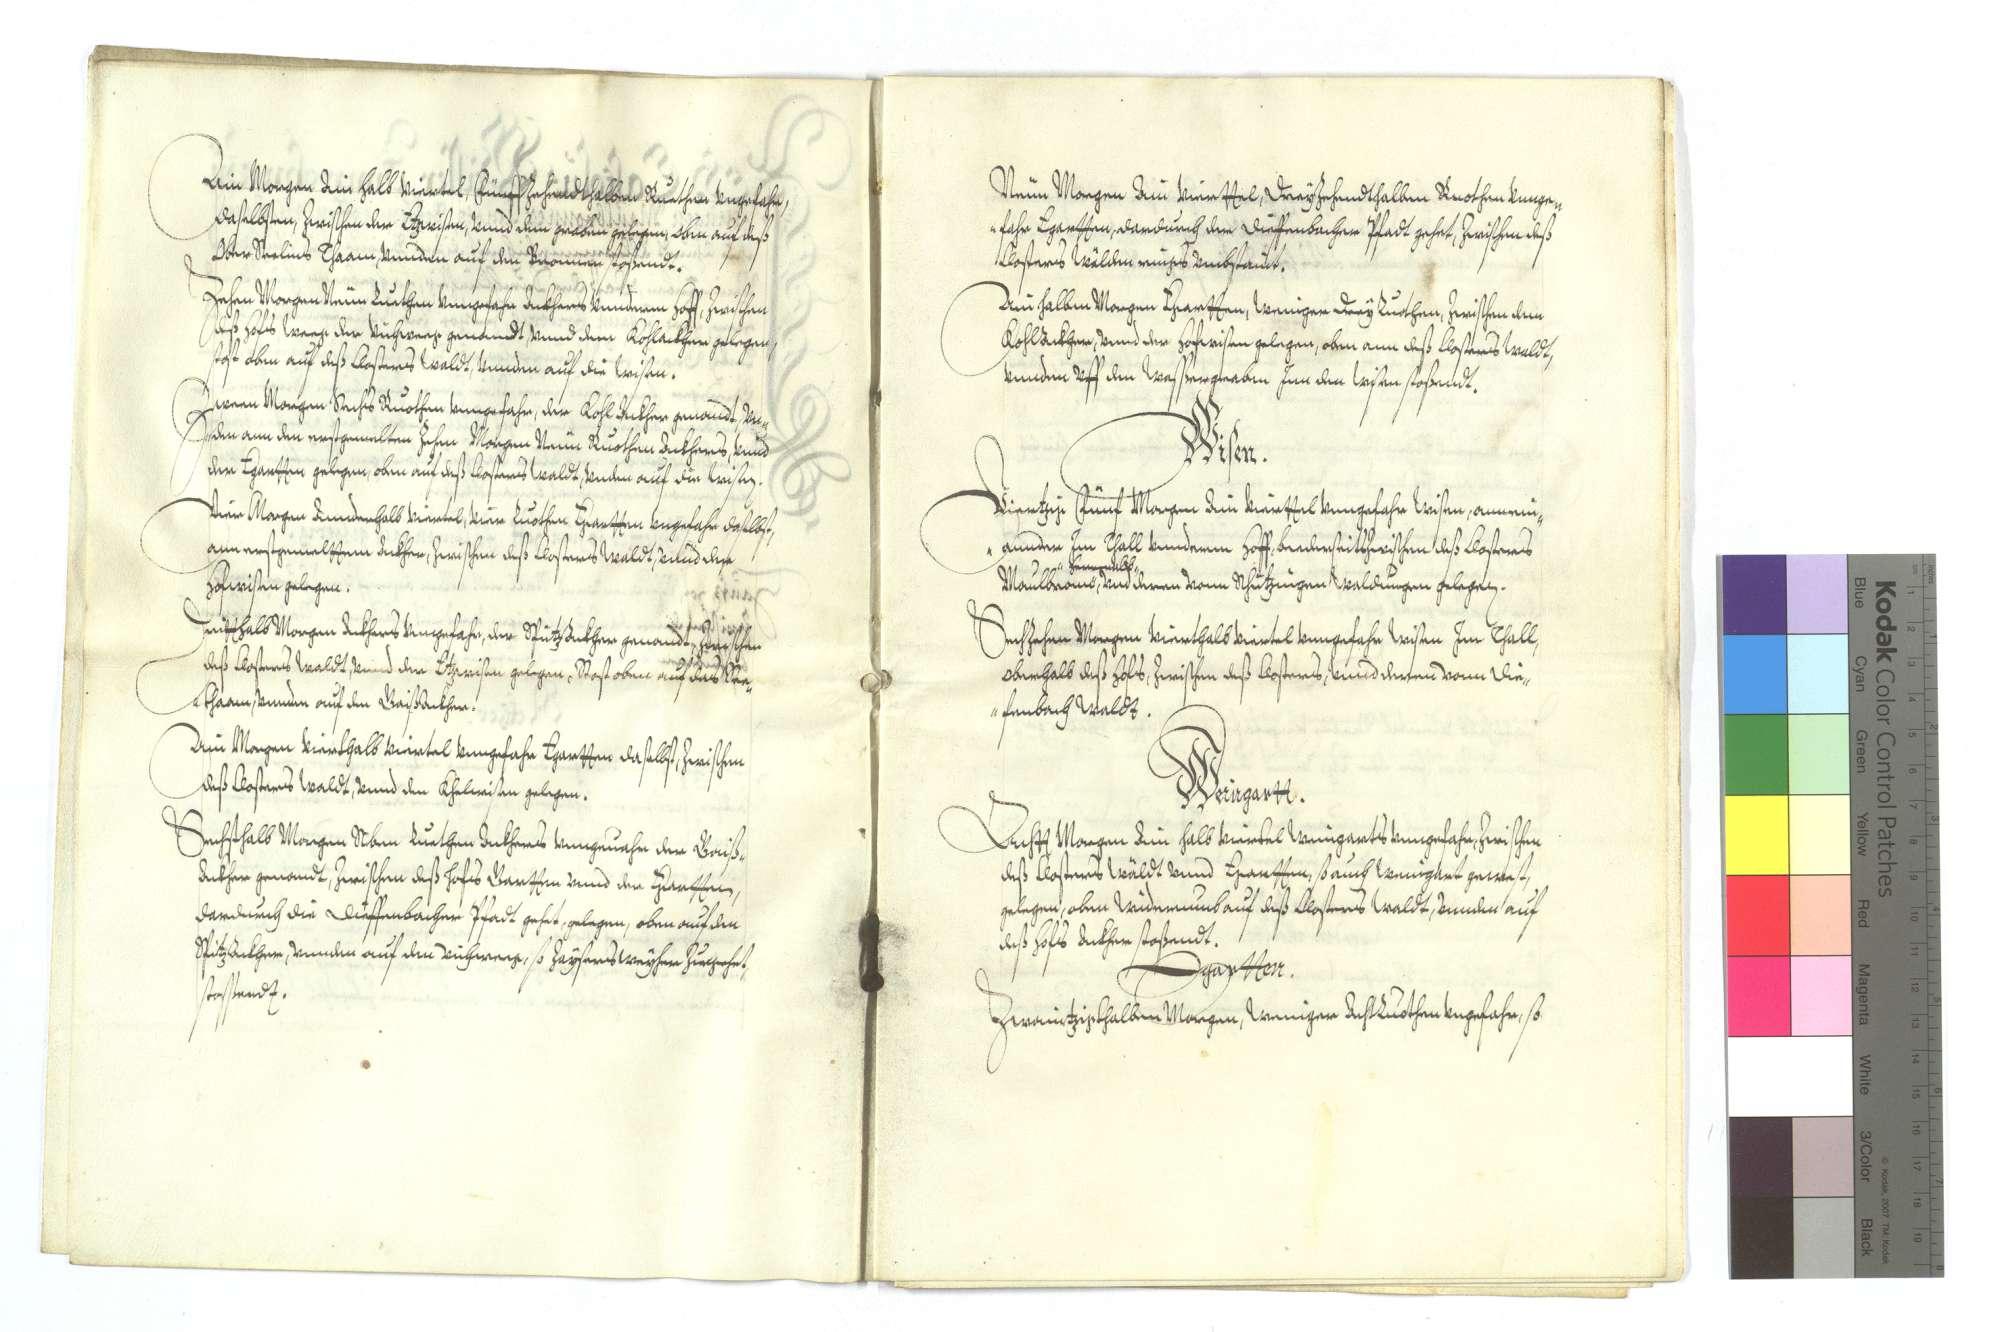 Verschreibung Castolus Weissers von Illingen, als Herzog Johann Friedrich ihm den Füllmenbacher Hof um 2.000 Gulden verkauft und noch ein bezeichnetes Stück Wald für 100 Gulden in den Kauf gegeben hat., Bild 3